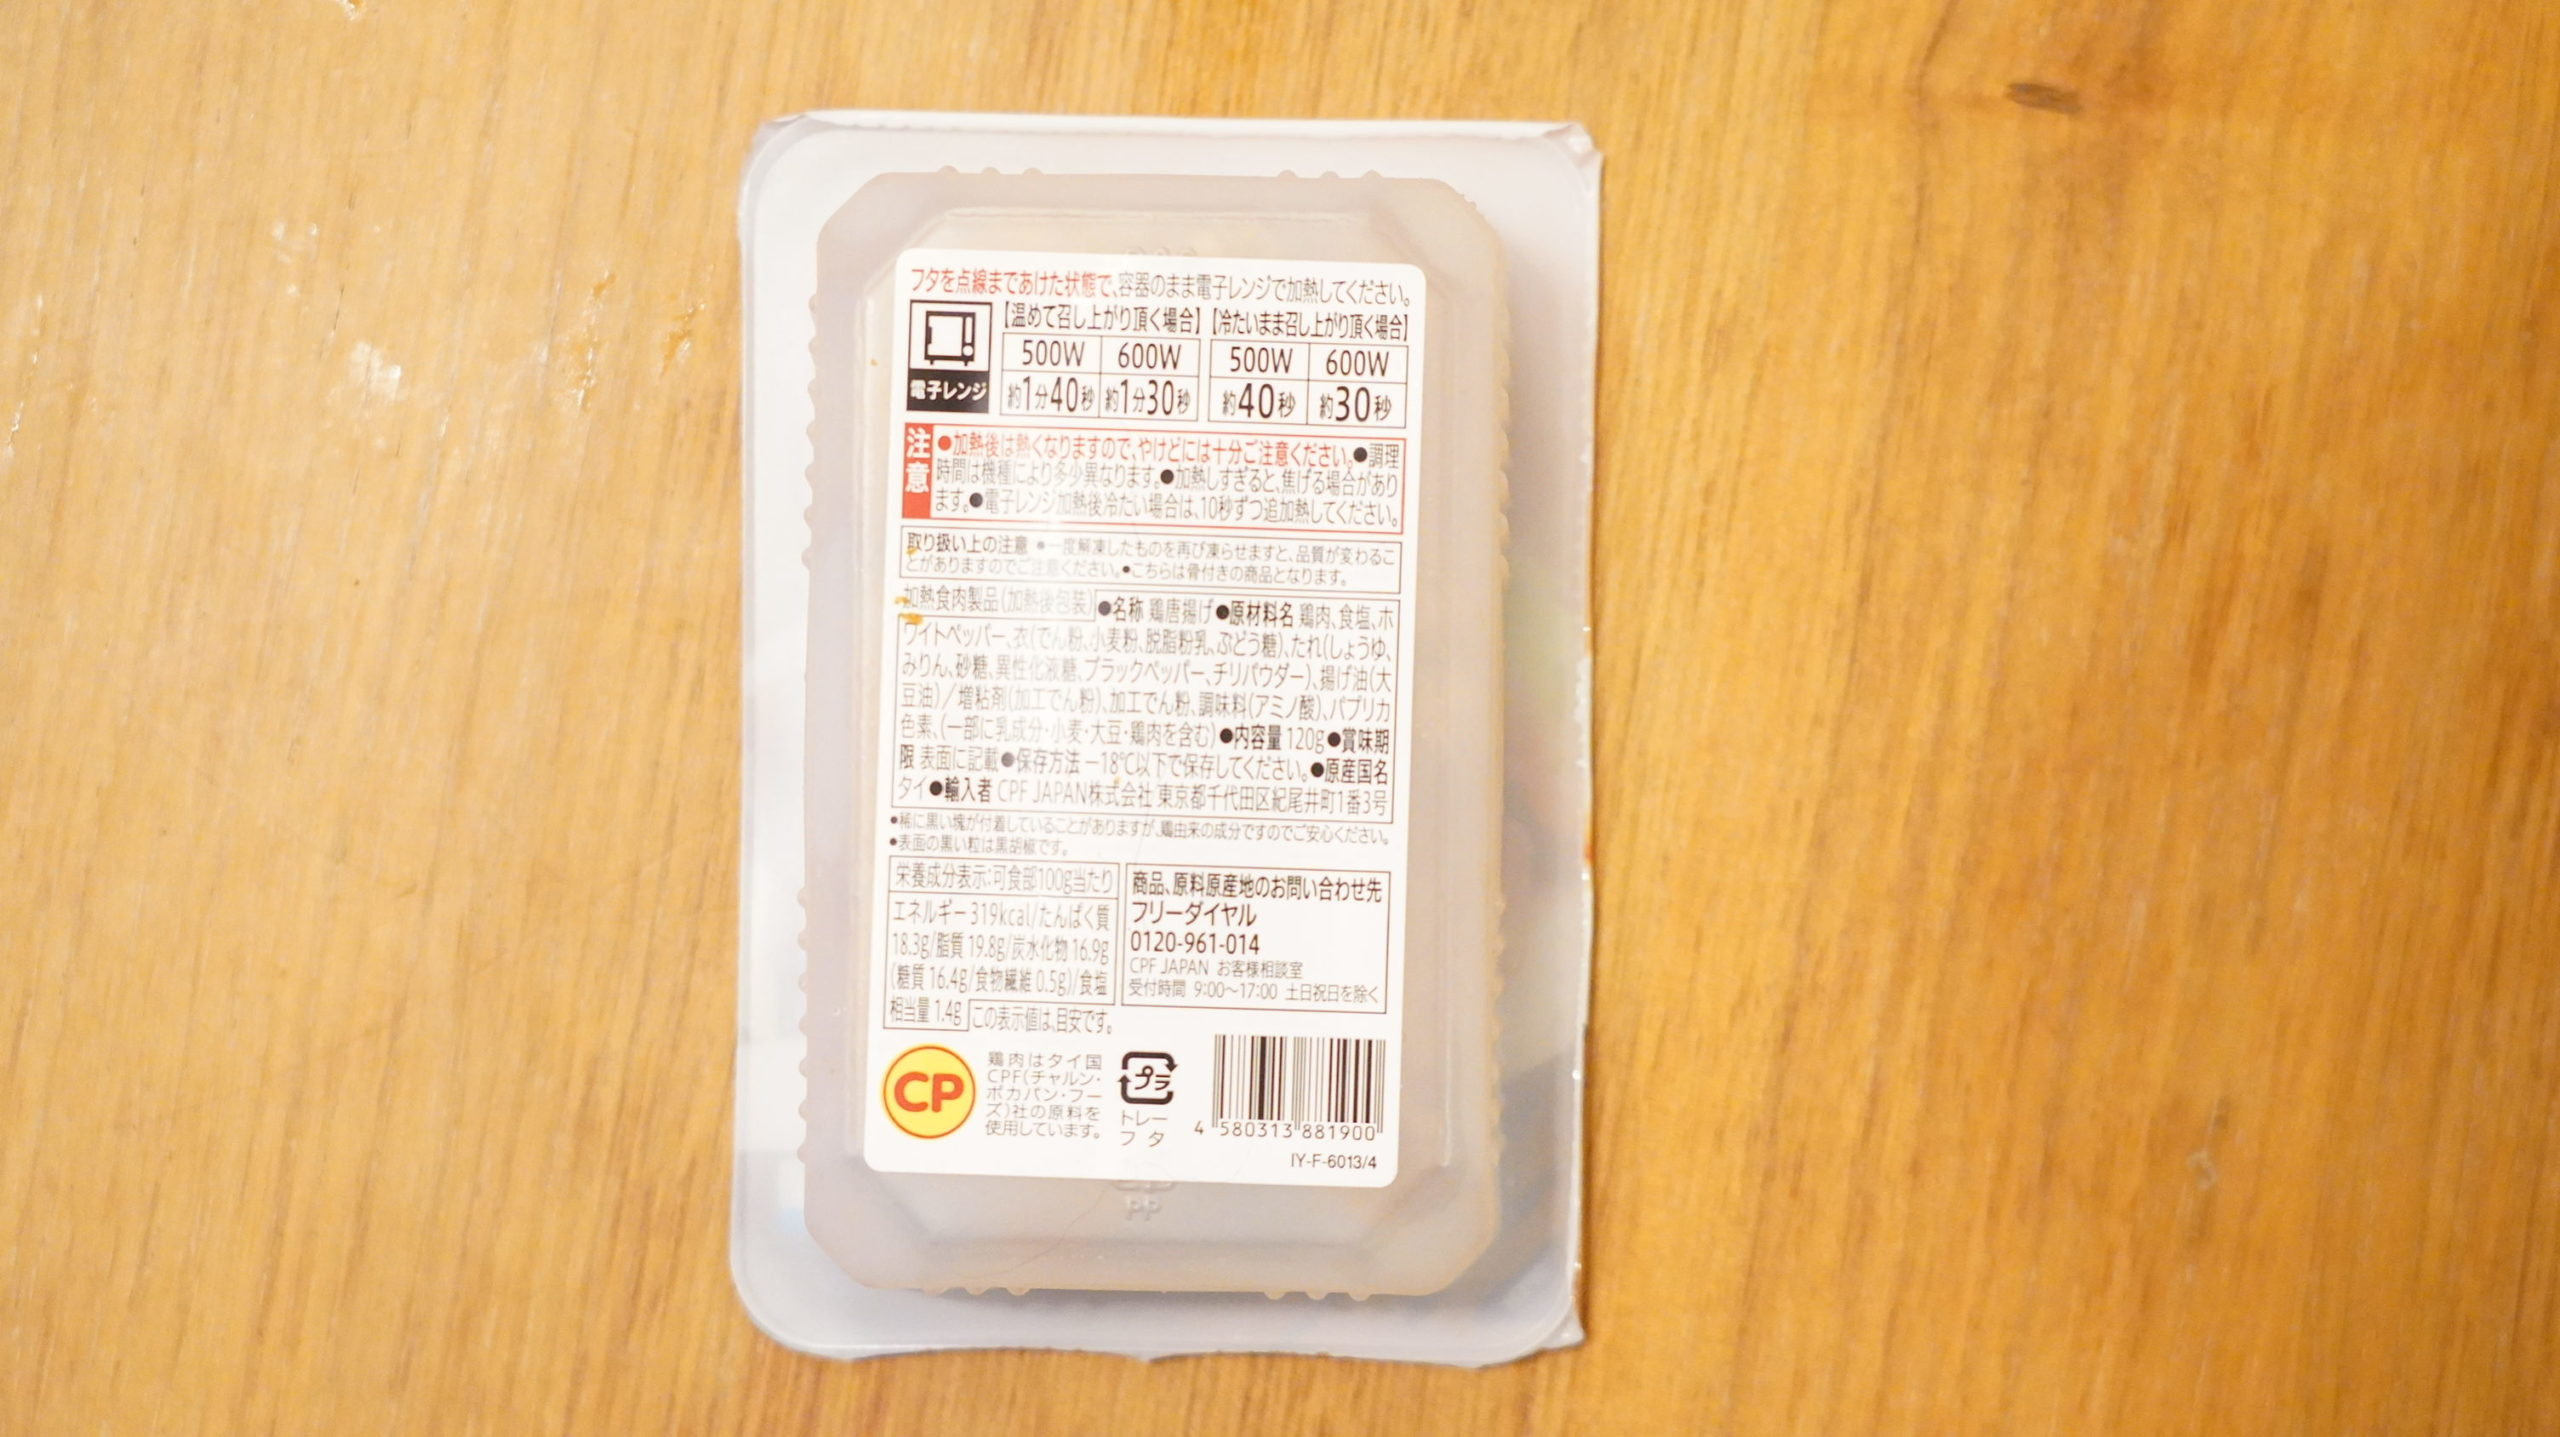 セブンイレブンの冷凍食品「おかずやおつまみに・手羽中唐揚げ」のパッケージ裏面の写真